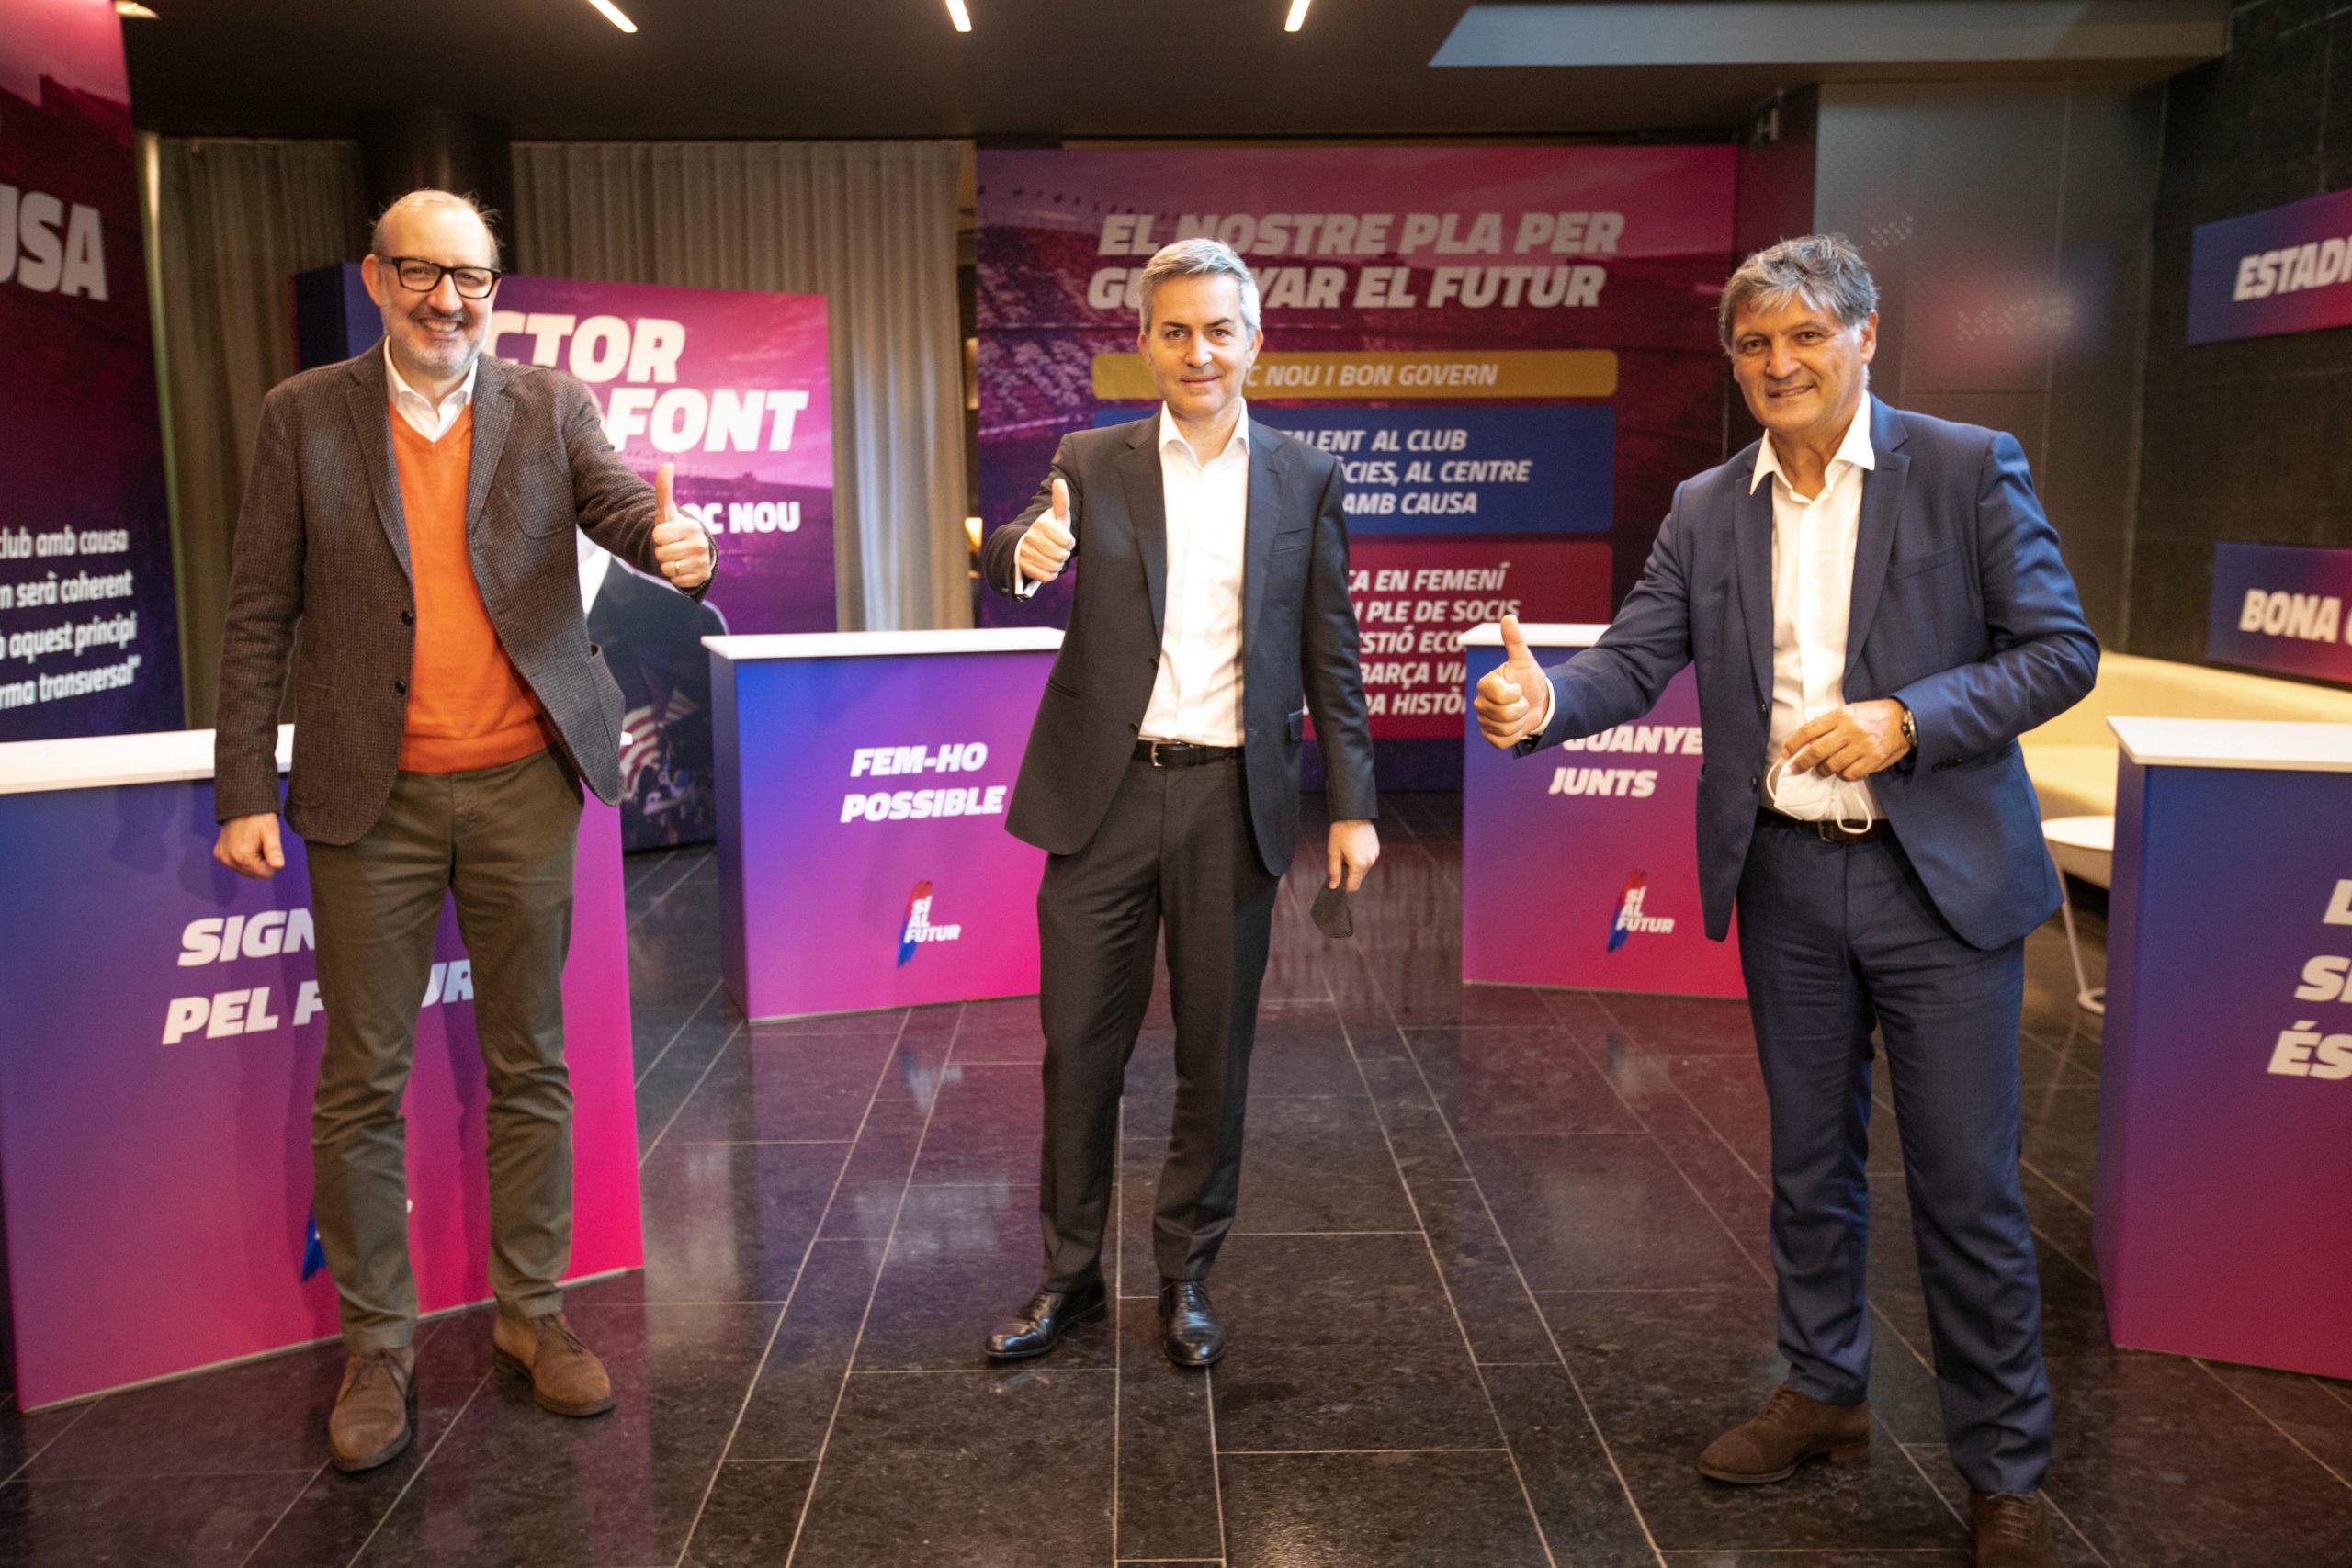 Víctor Font ja ha presentat a Antoni Bassas, Ramon Cugat i Toni Nadal com a noves incorporacions de Sí al futur